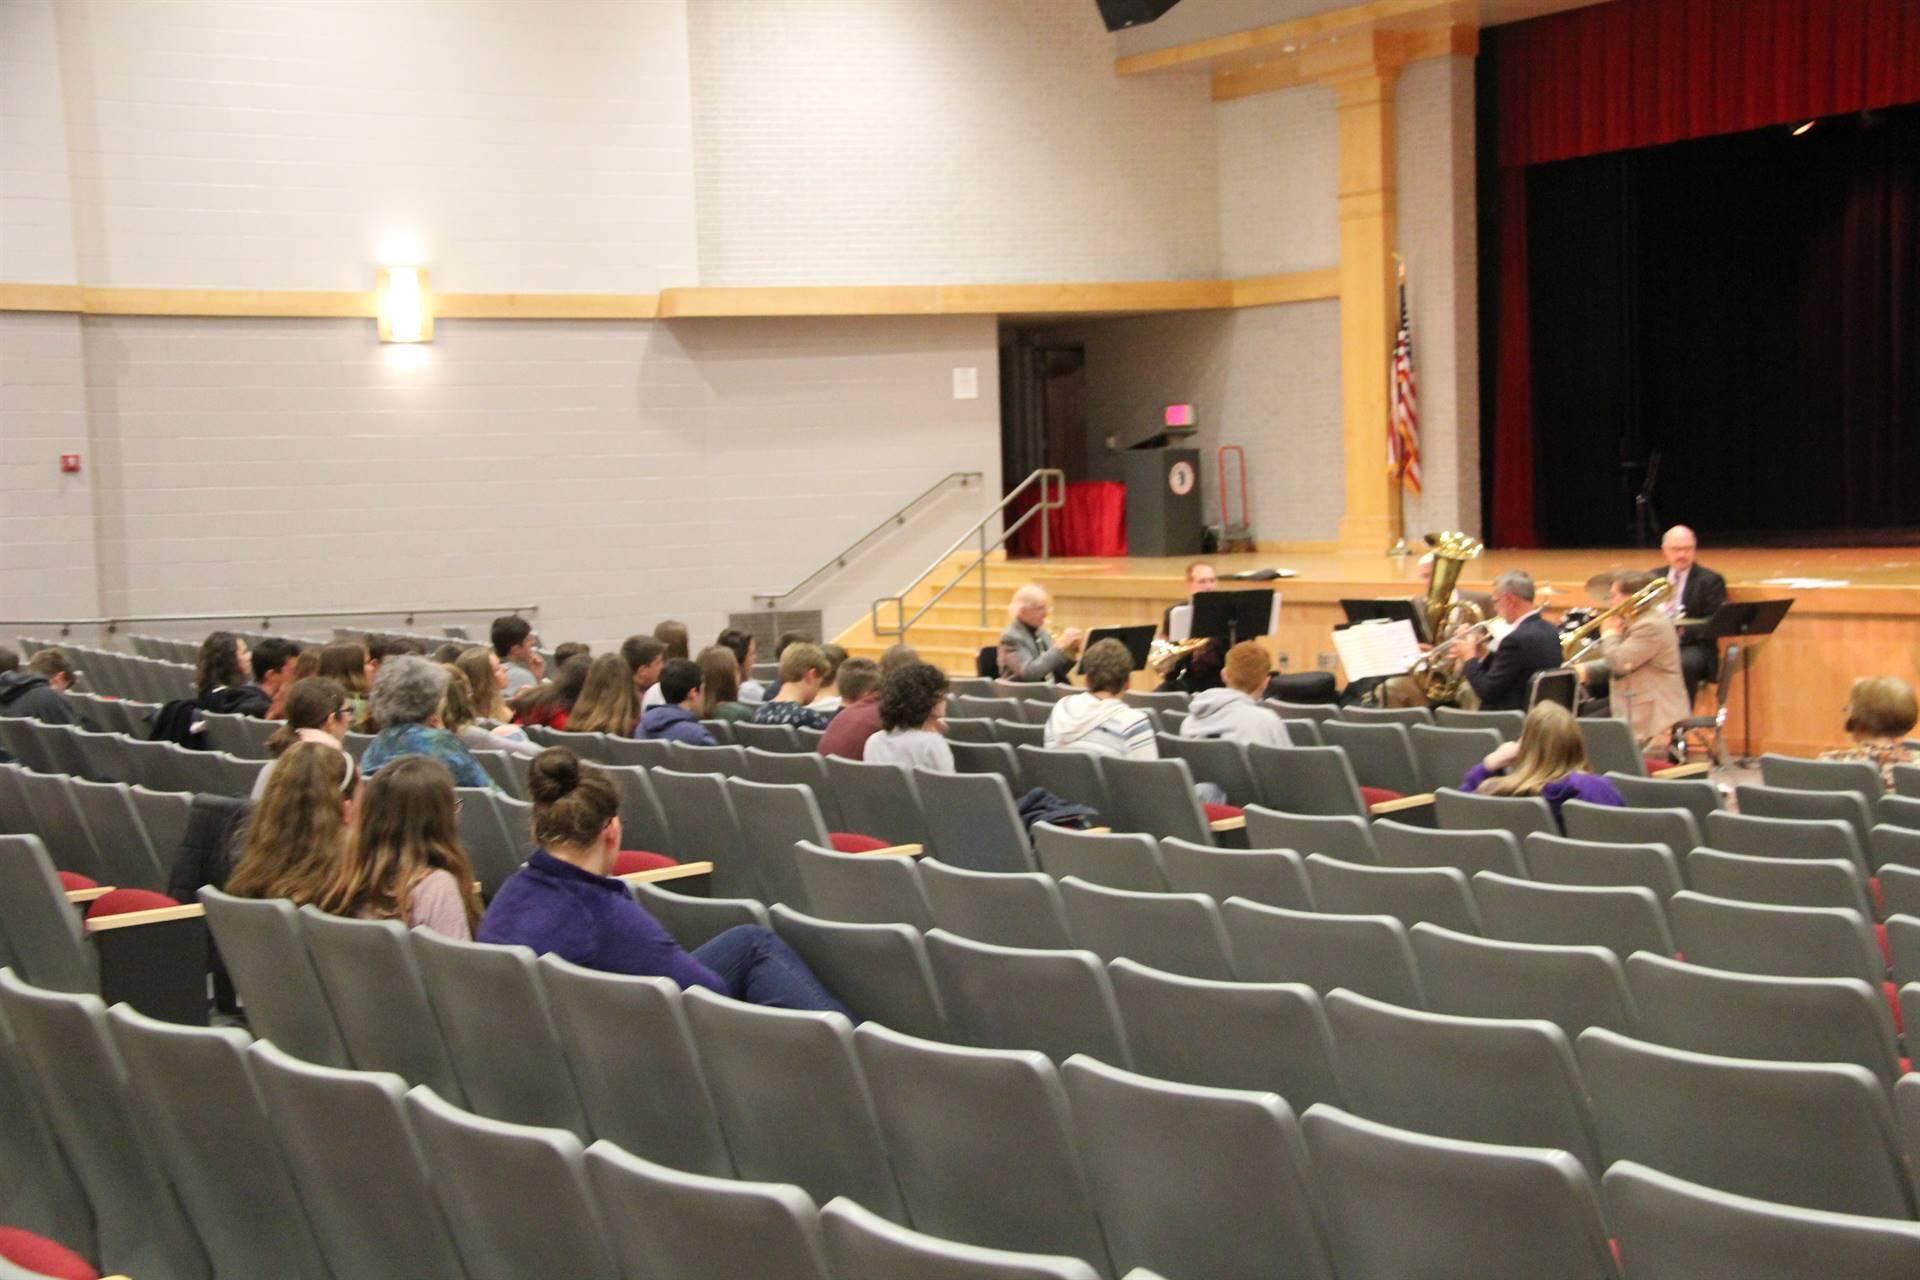 quintet performance in the auditorium